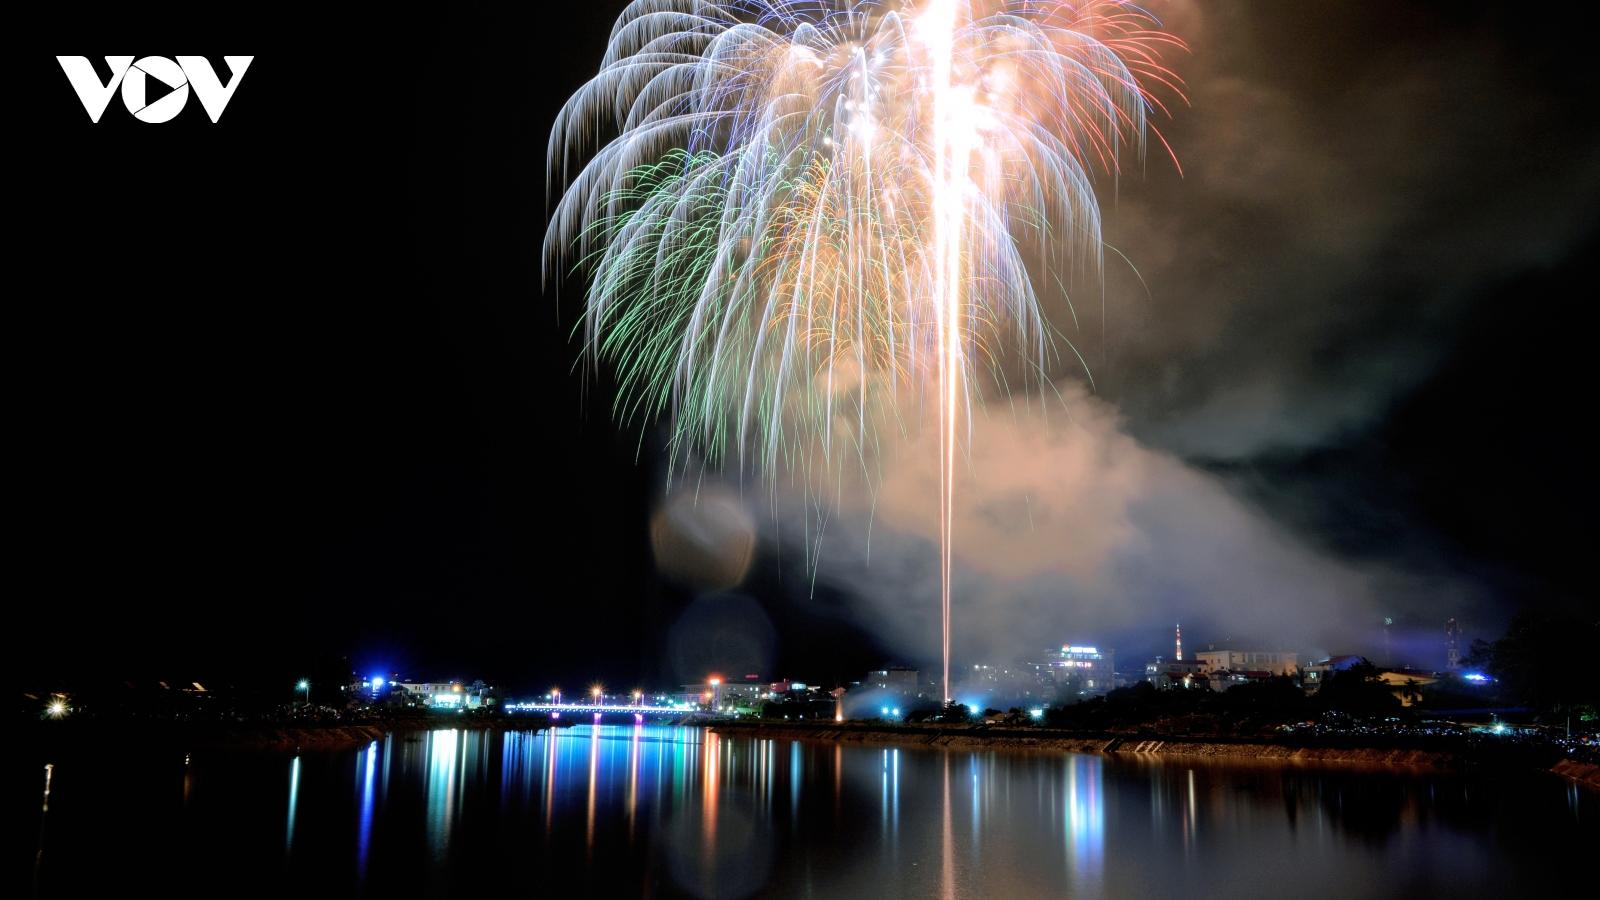 Điện Biên dừng bắn pháo hoa và các hoạt động văn hóa, văn nghệ dịp Tết để phòng chống dịch